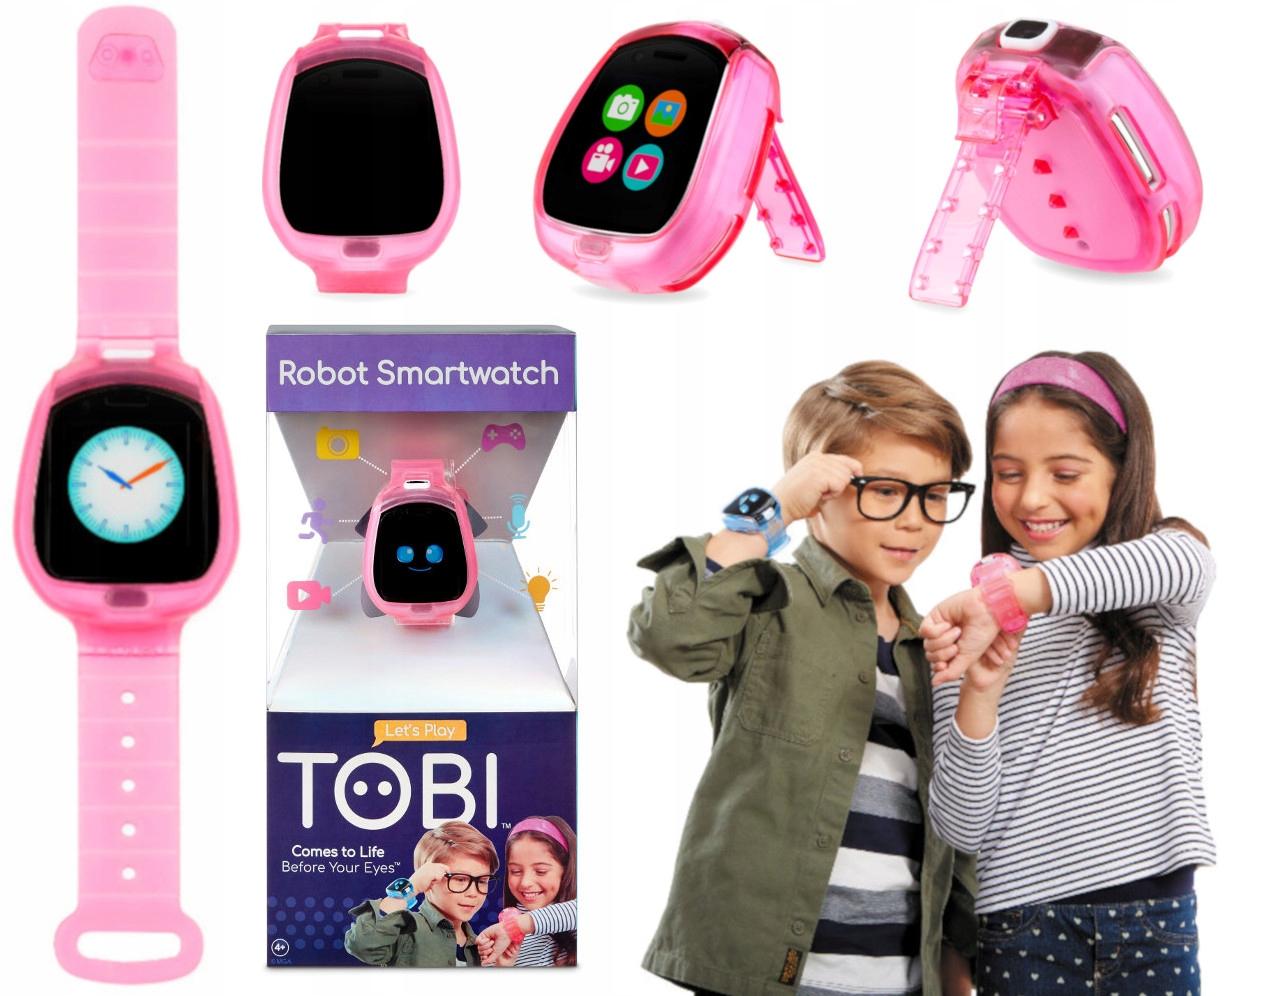 Zegarek Dla Dzieci Z Aparatem Tobi Smartwatch Roz 9833870972 Allegro Pl